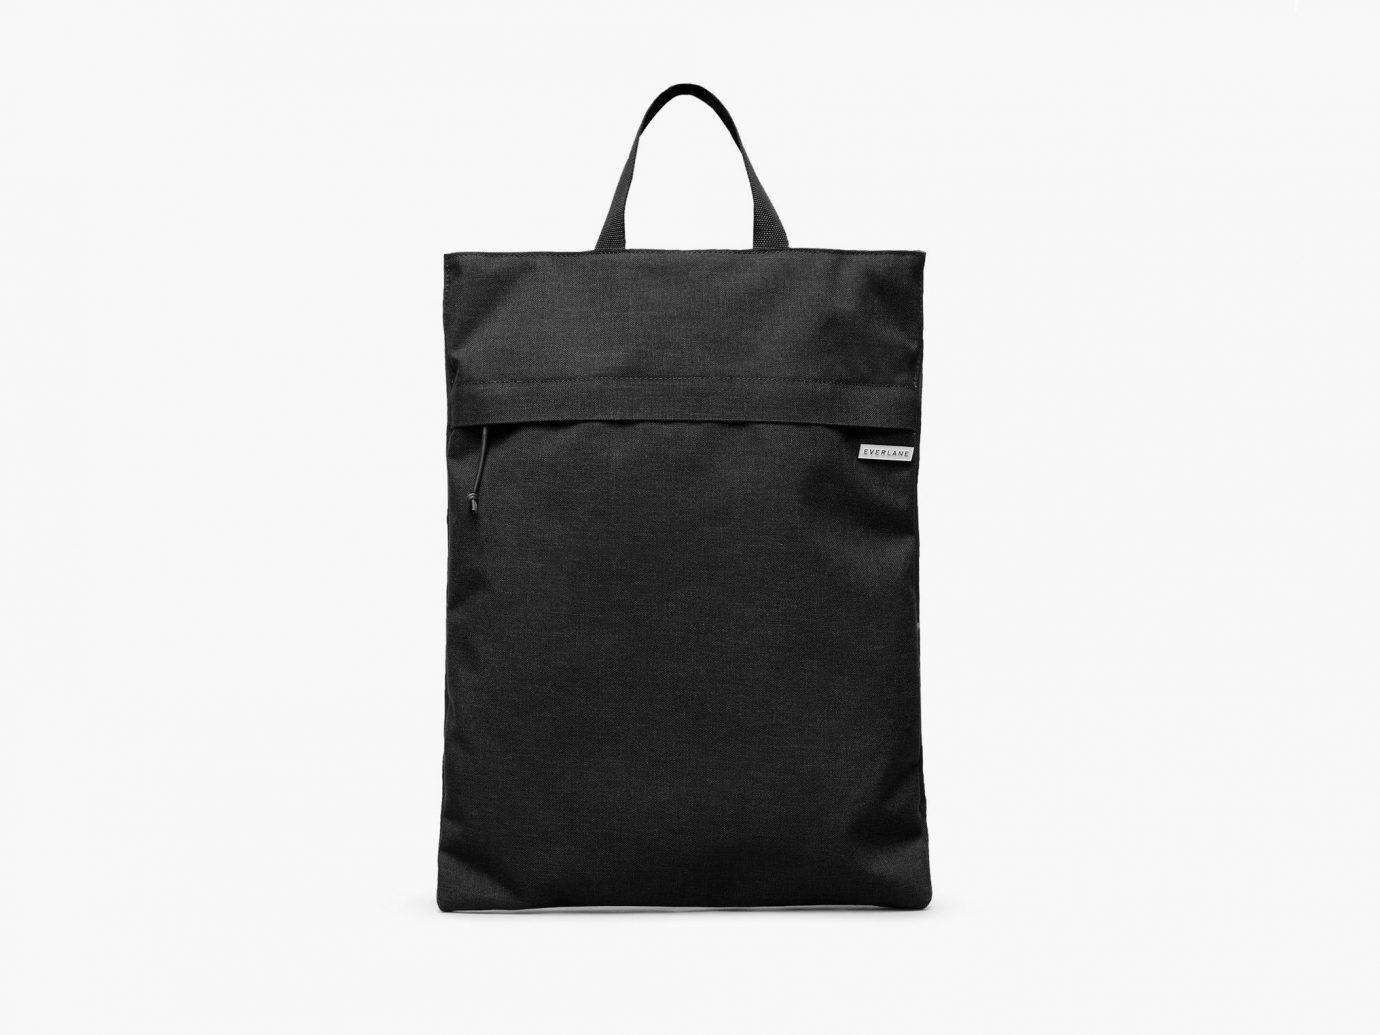 Beach Style + Design Travel Shop accessory black bag handbag case product pocket tote bag product design brand shoulder bag